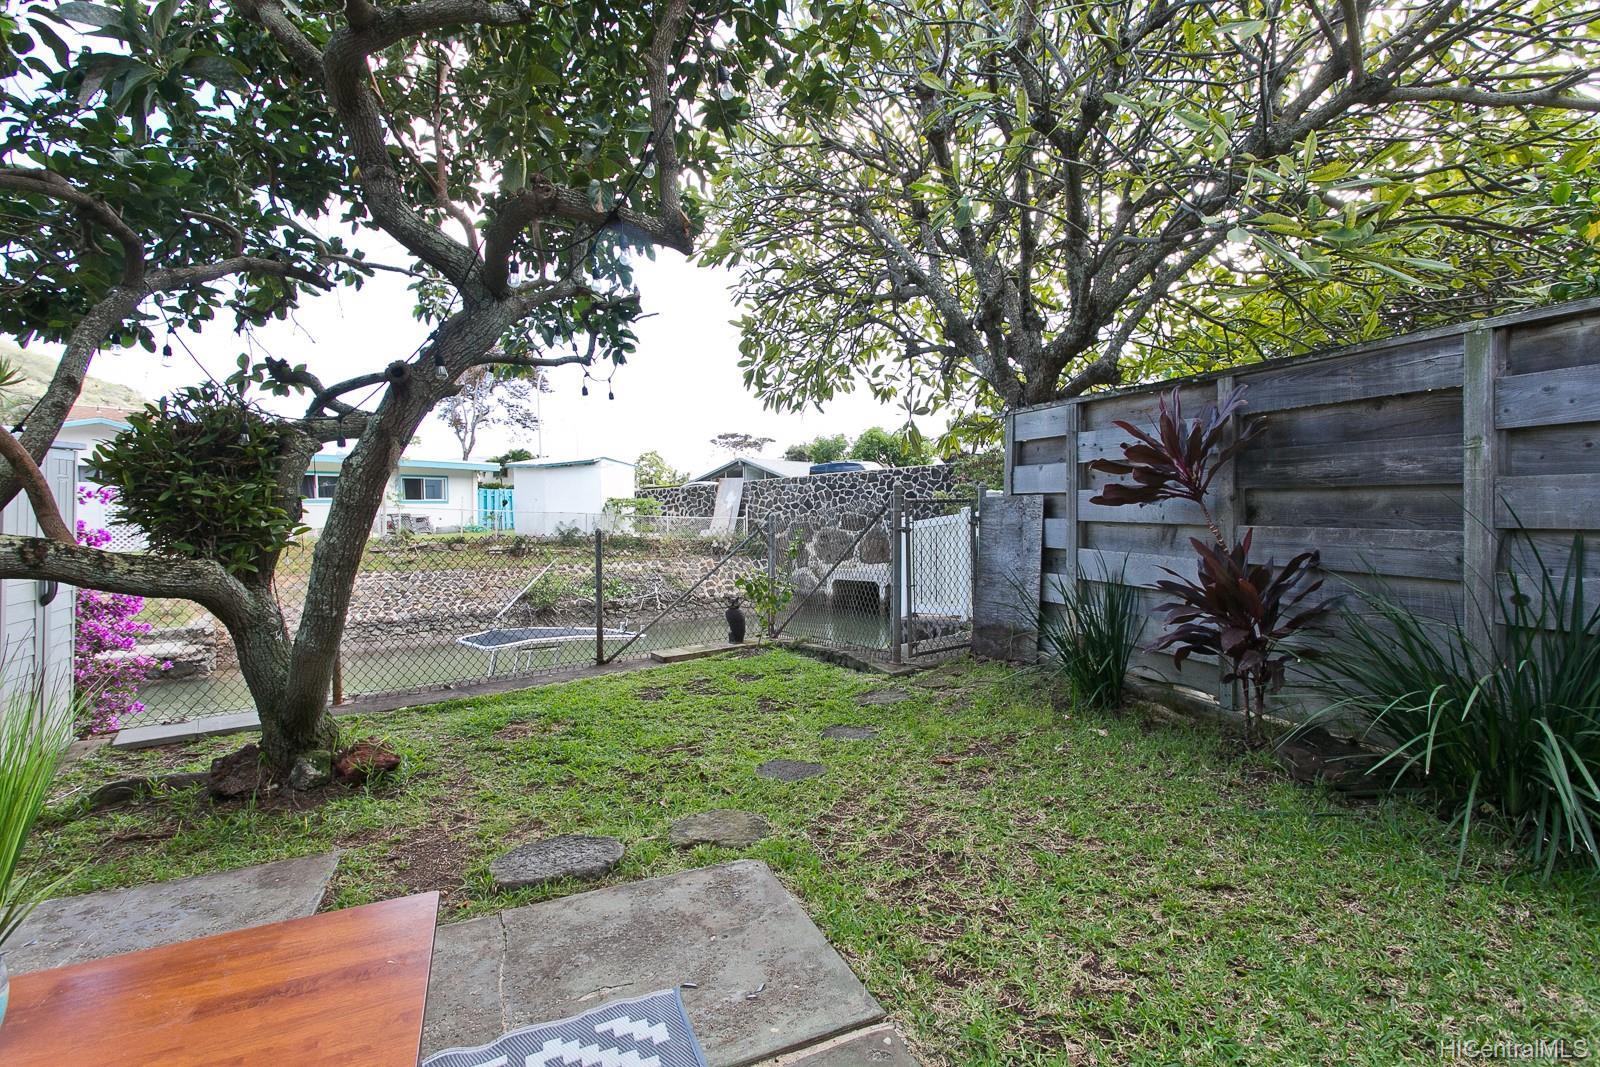 Hawaii Kai Condo Lot4 condo # C, Honolulu, Hawaii - photo 18 of 25